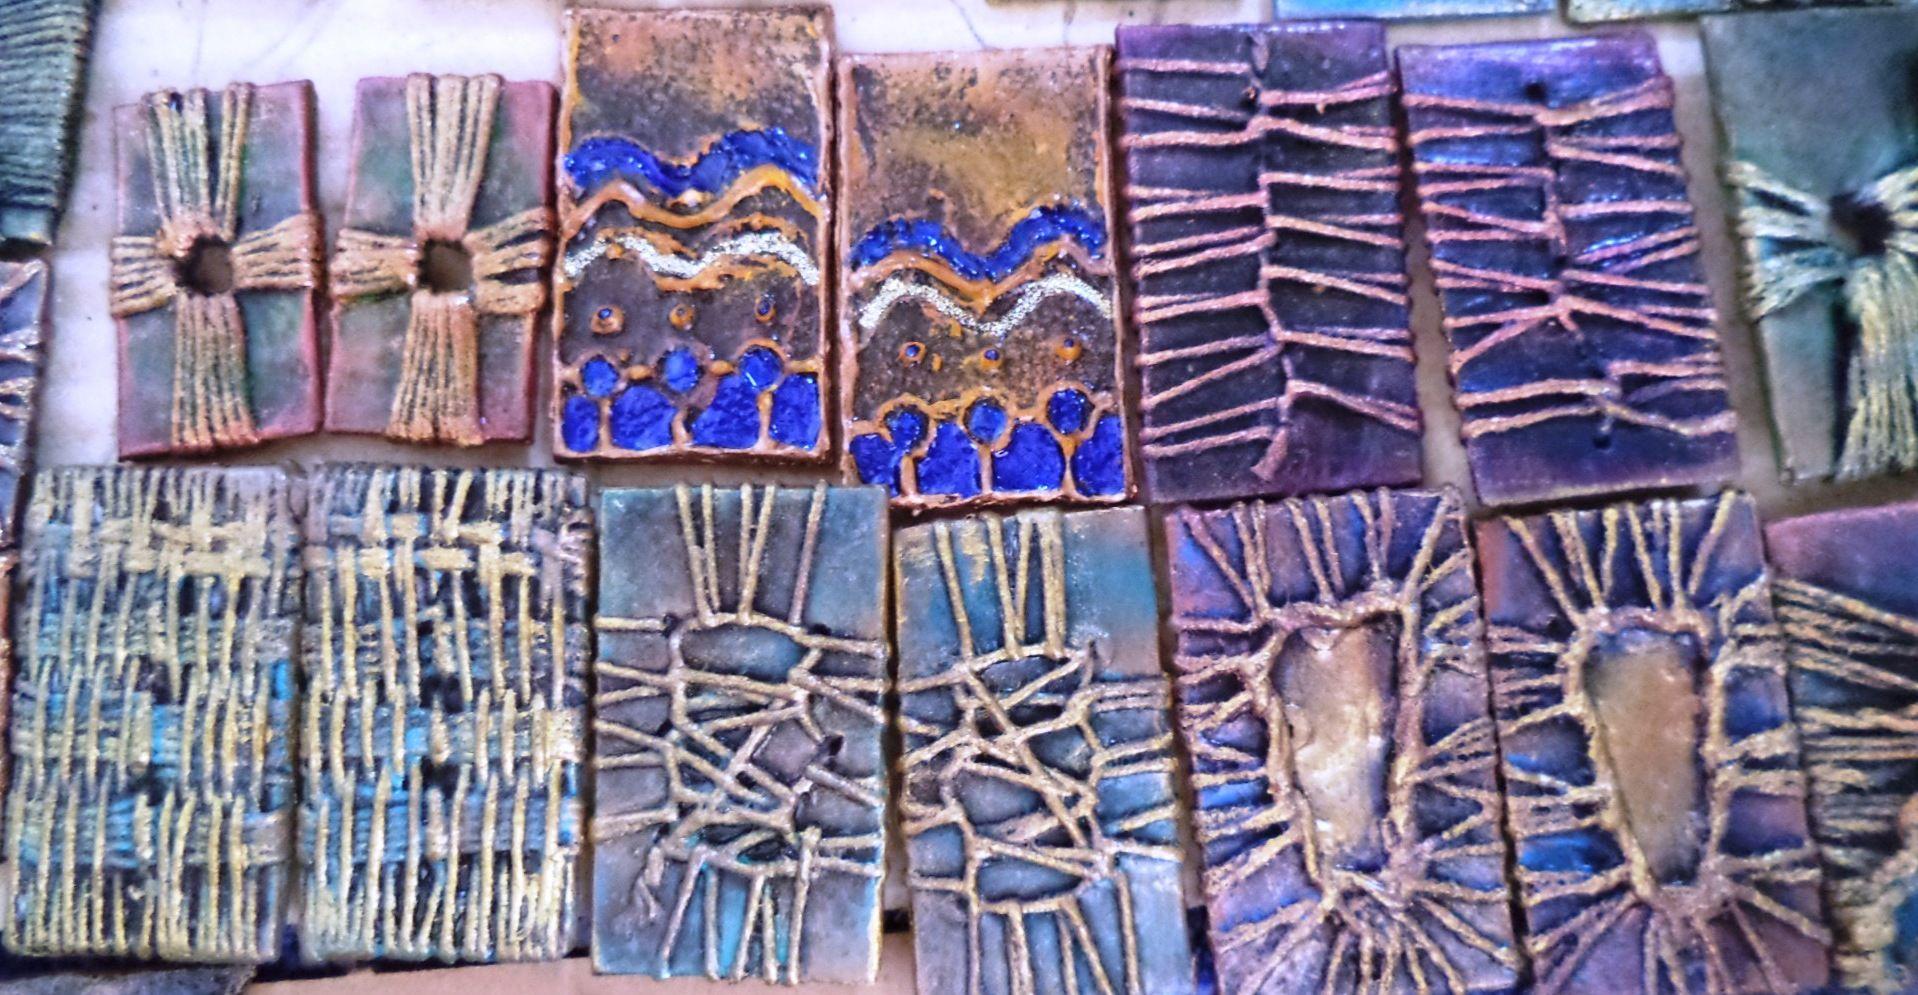 Zarcillos.  Materiales reciclados. Acrílico y resina. Elsa Sanguino. 2015